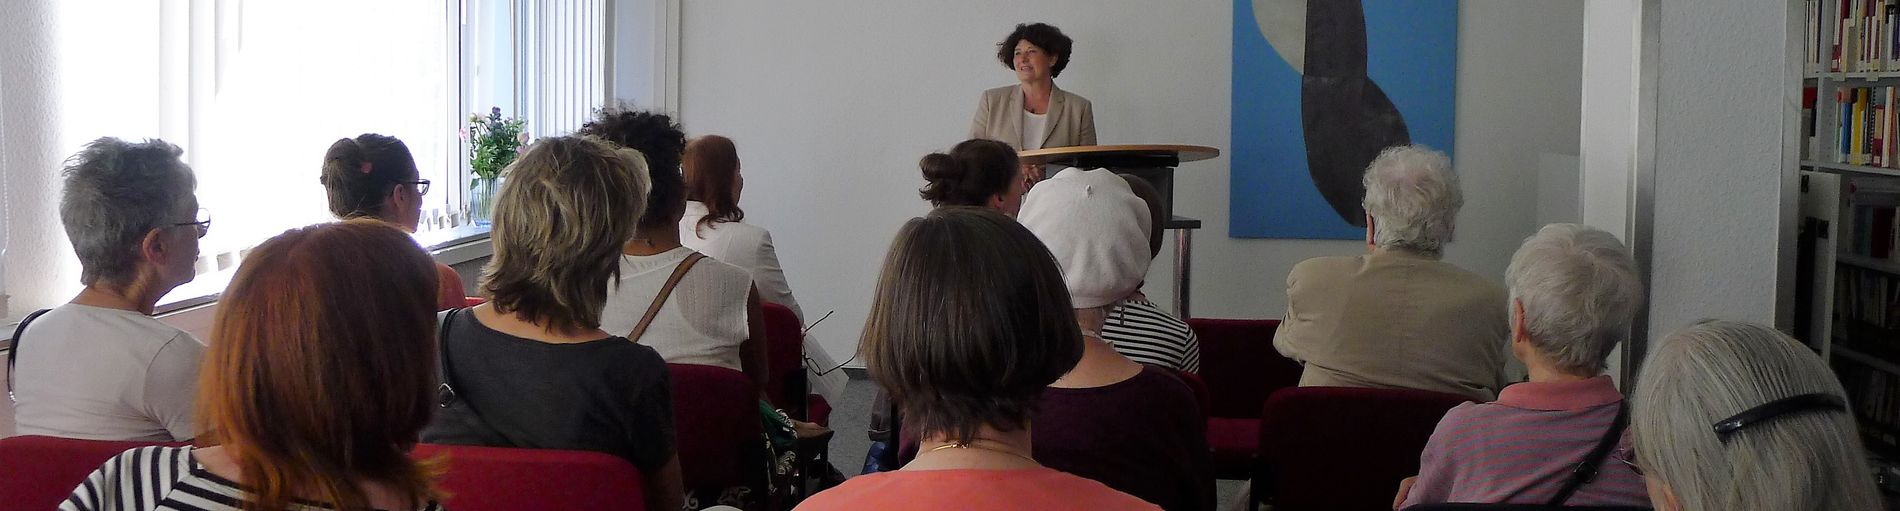 In einem Raum lauschen Frauen einem Vortrag zu frauenspezifischen Themen.